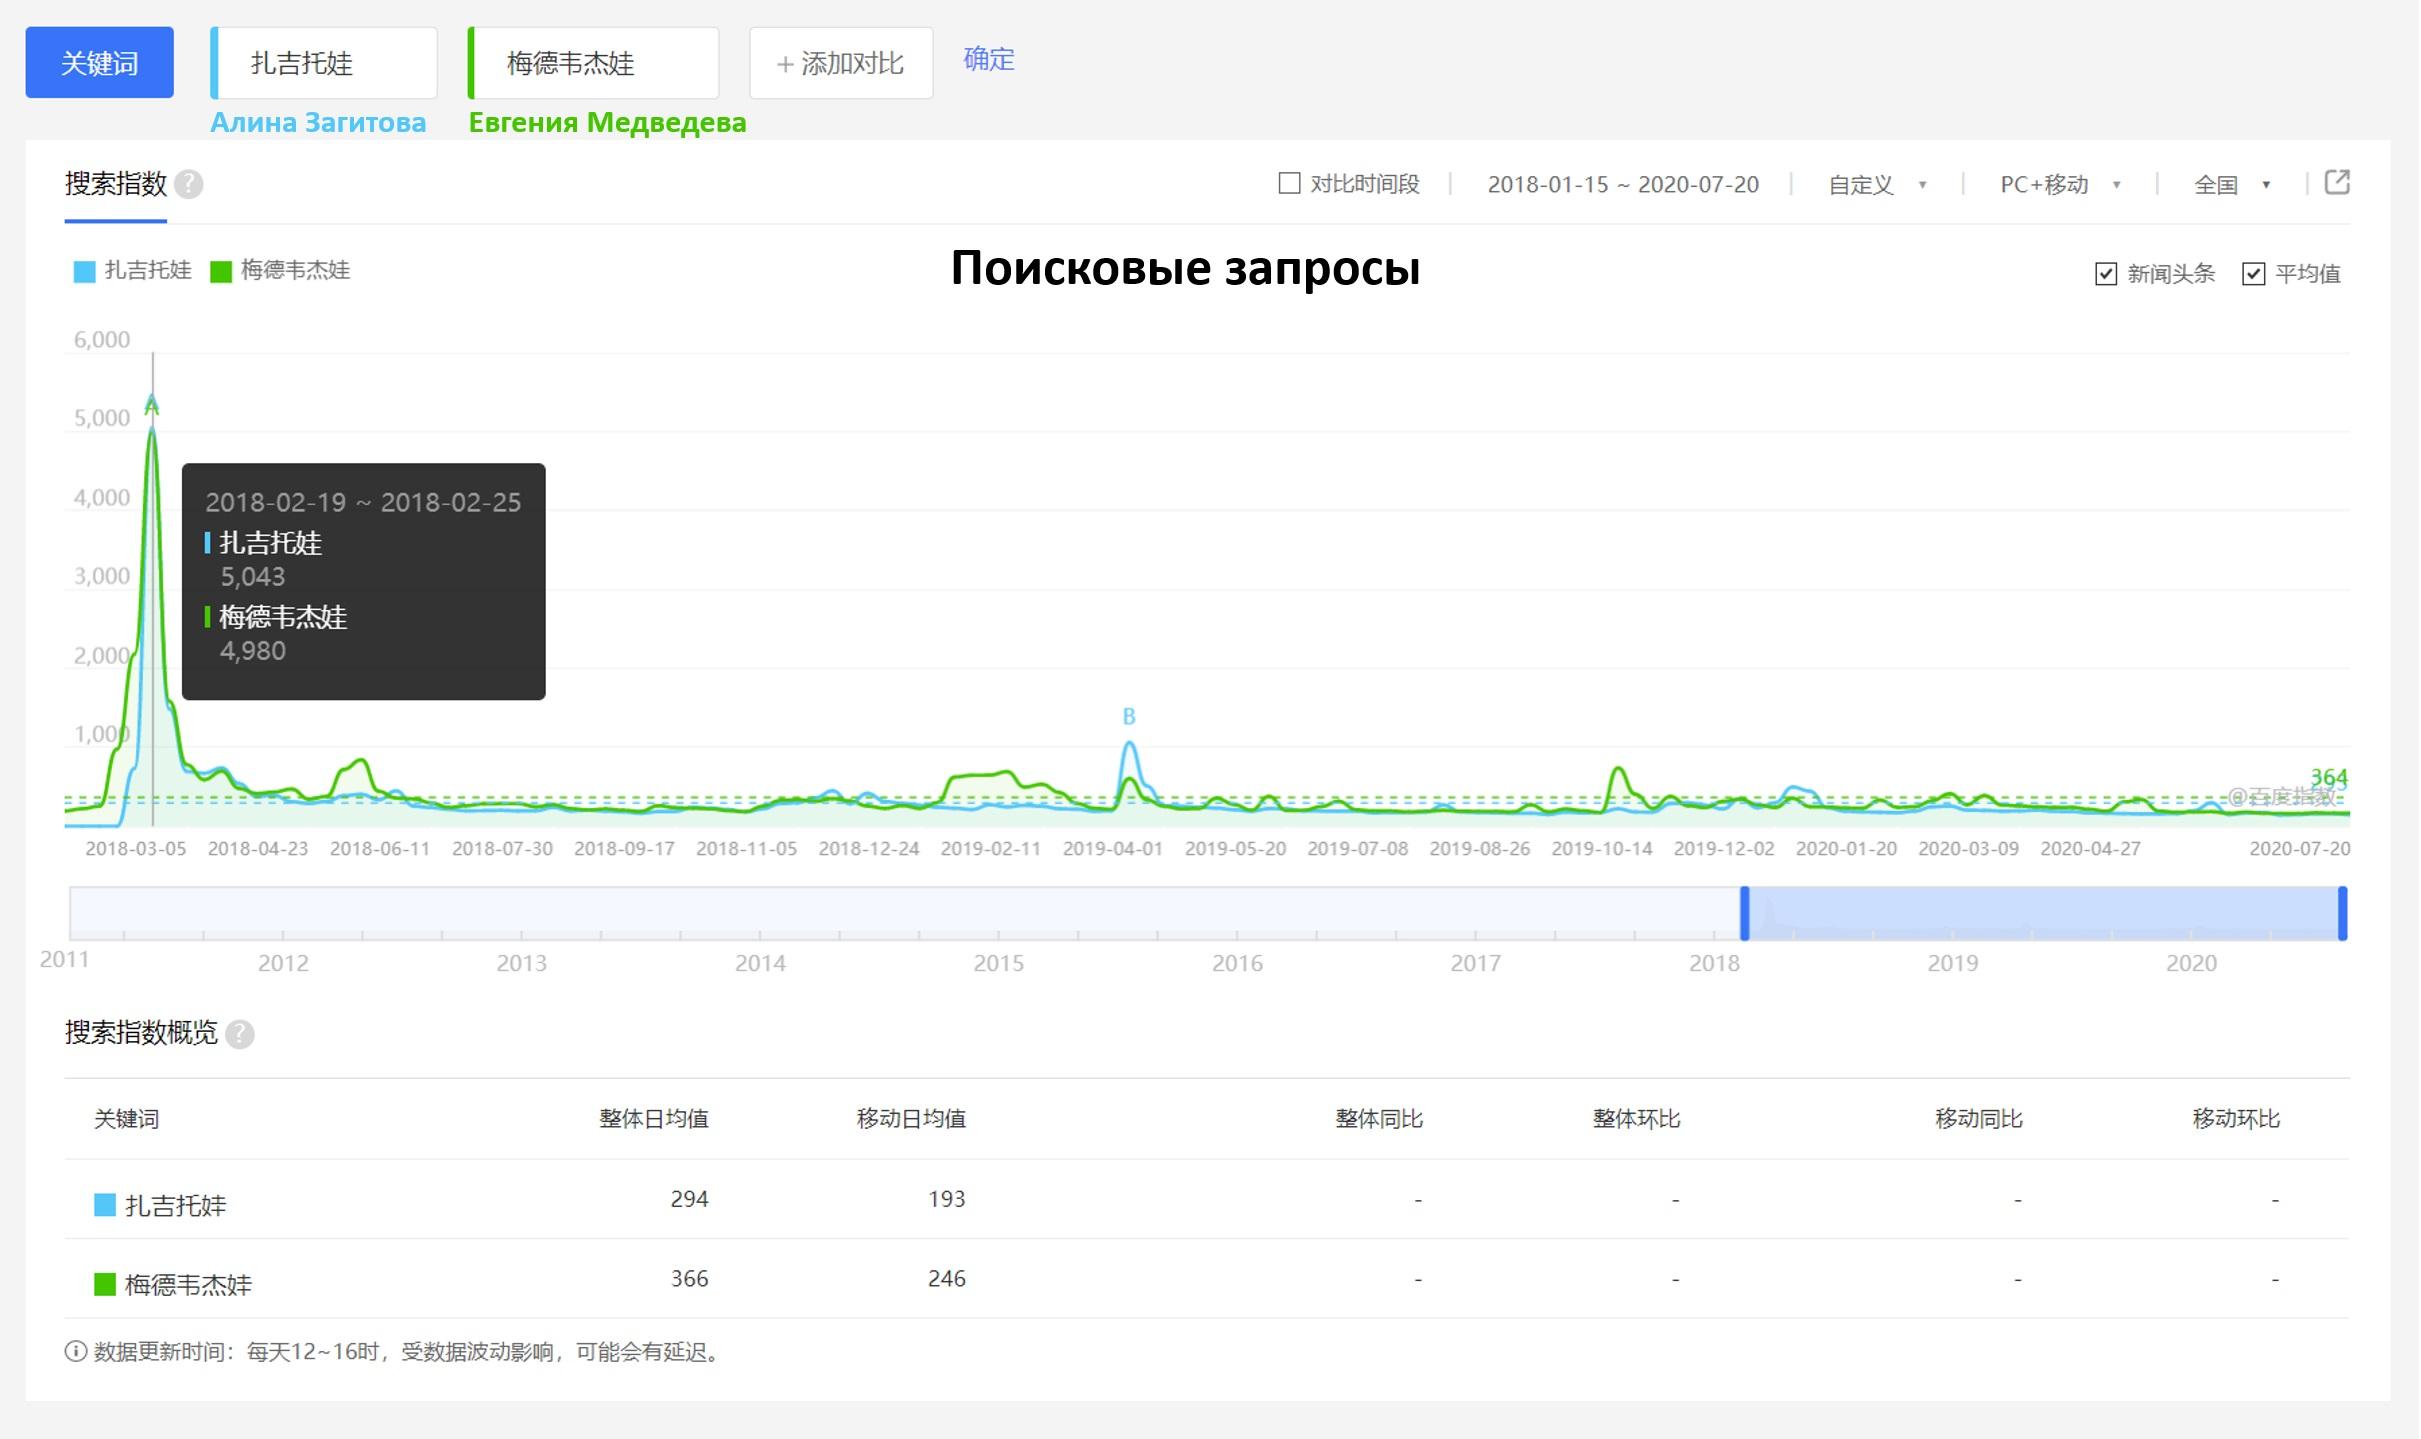 Король и Королева китайского интернета: статистика по поиску, новостям и интересу пользователей